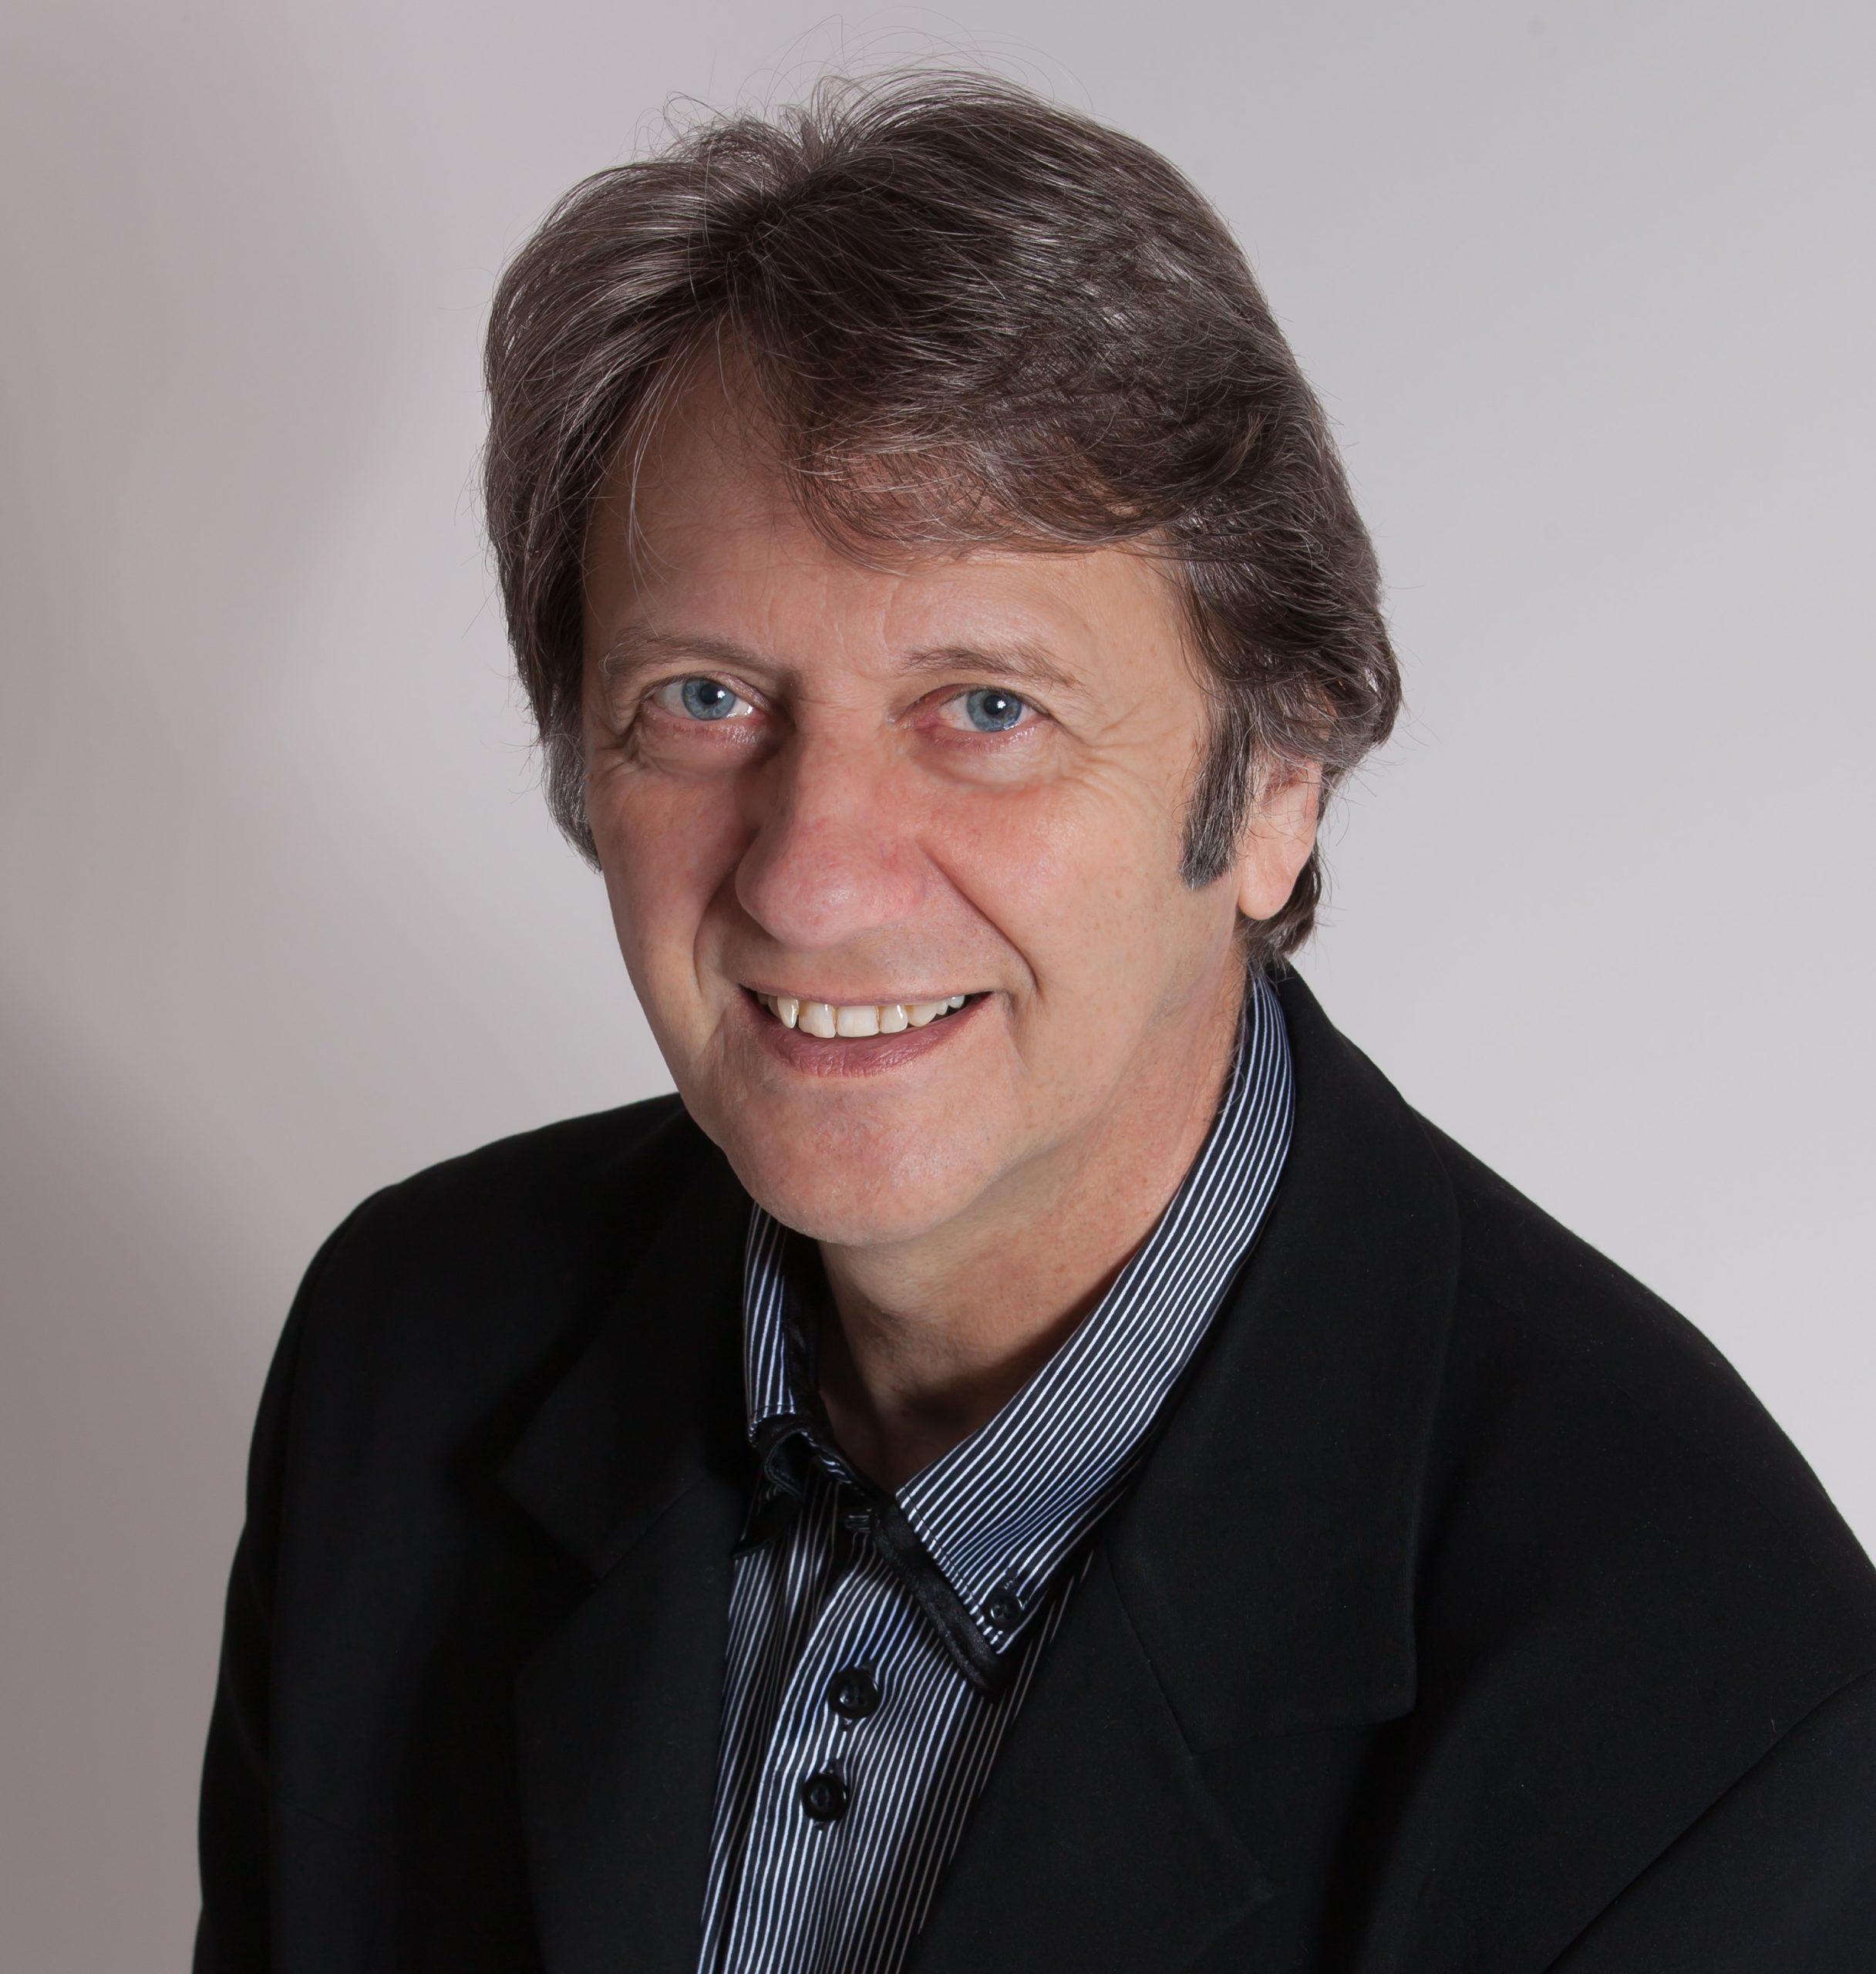 Serge Arial